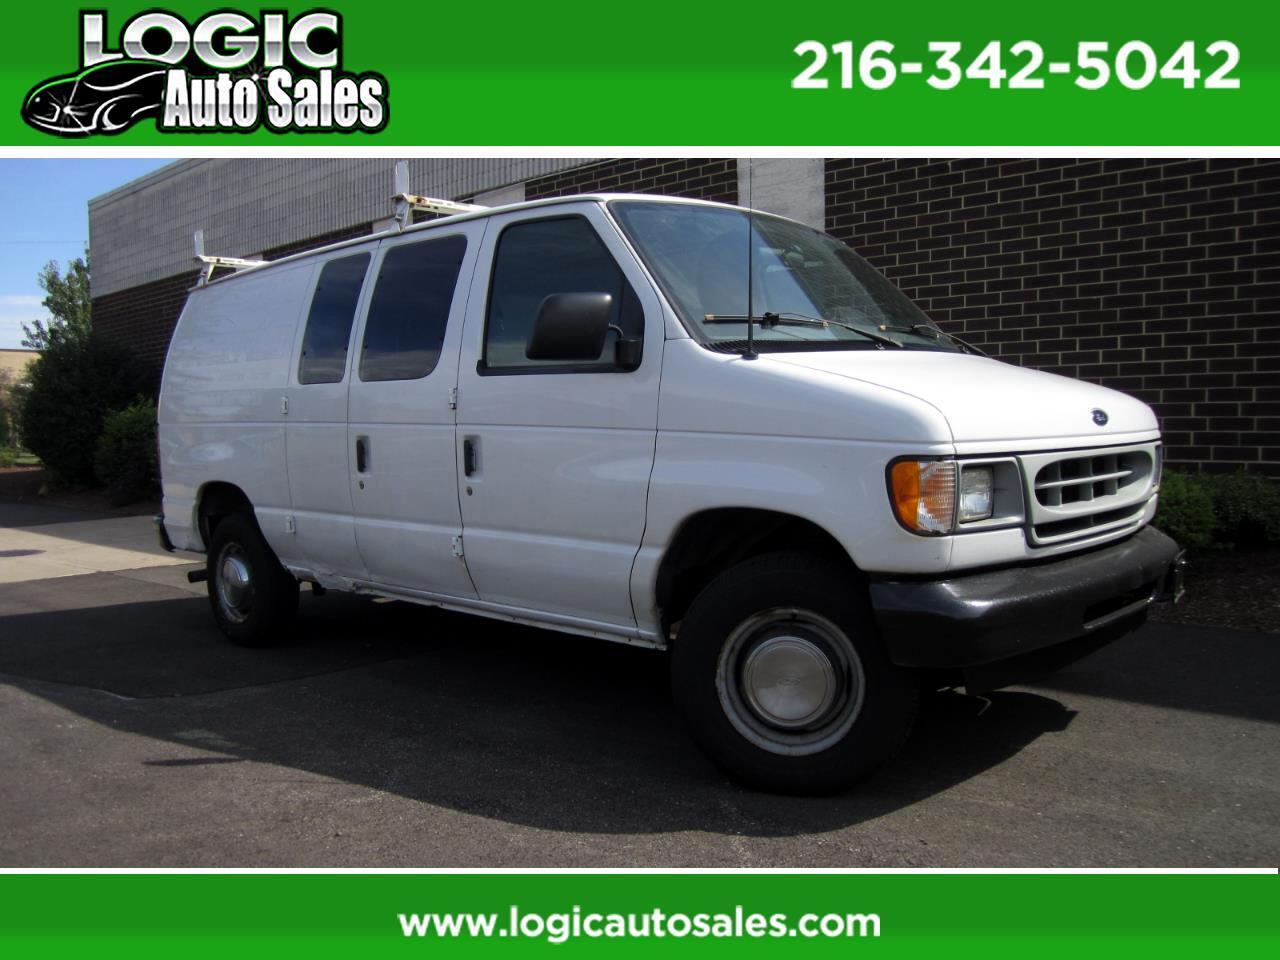 2002 Ford Econoline Cargo Van E-250